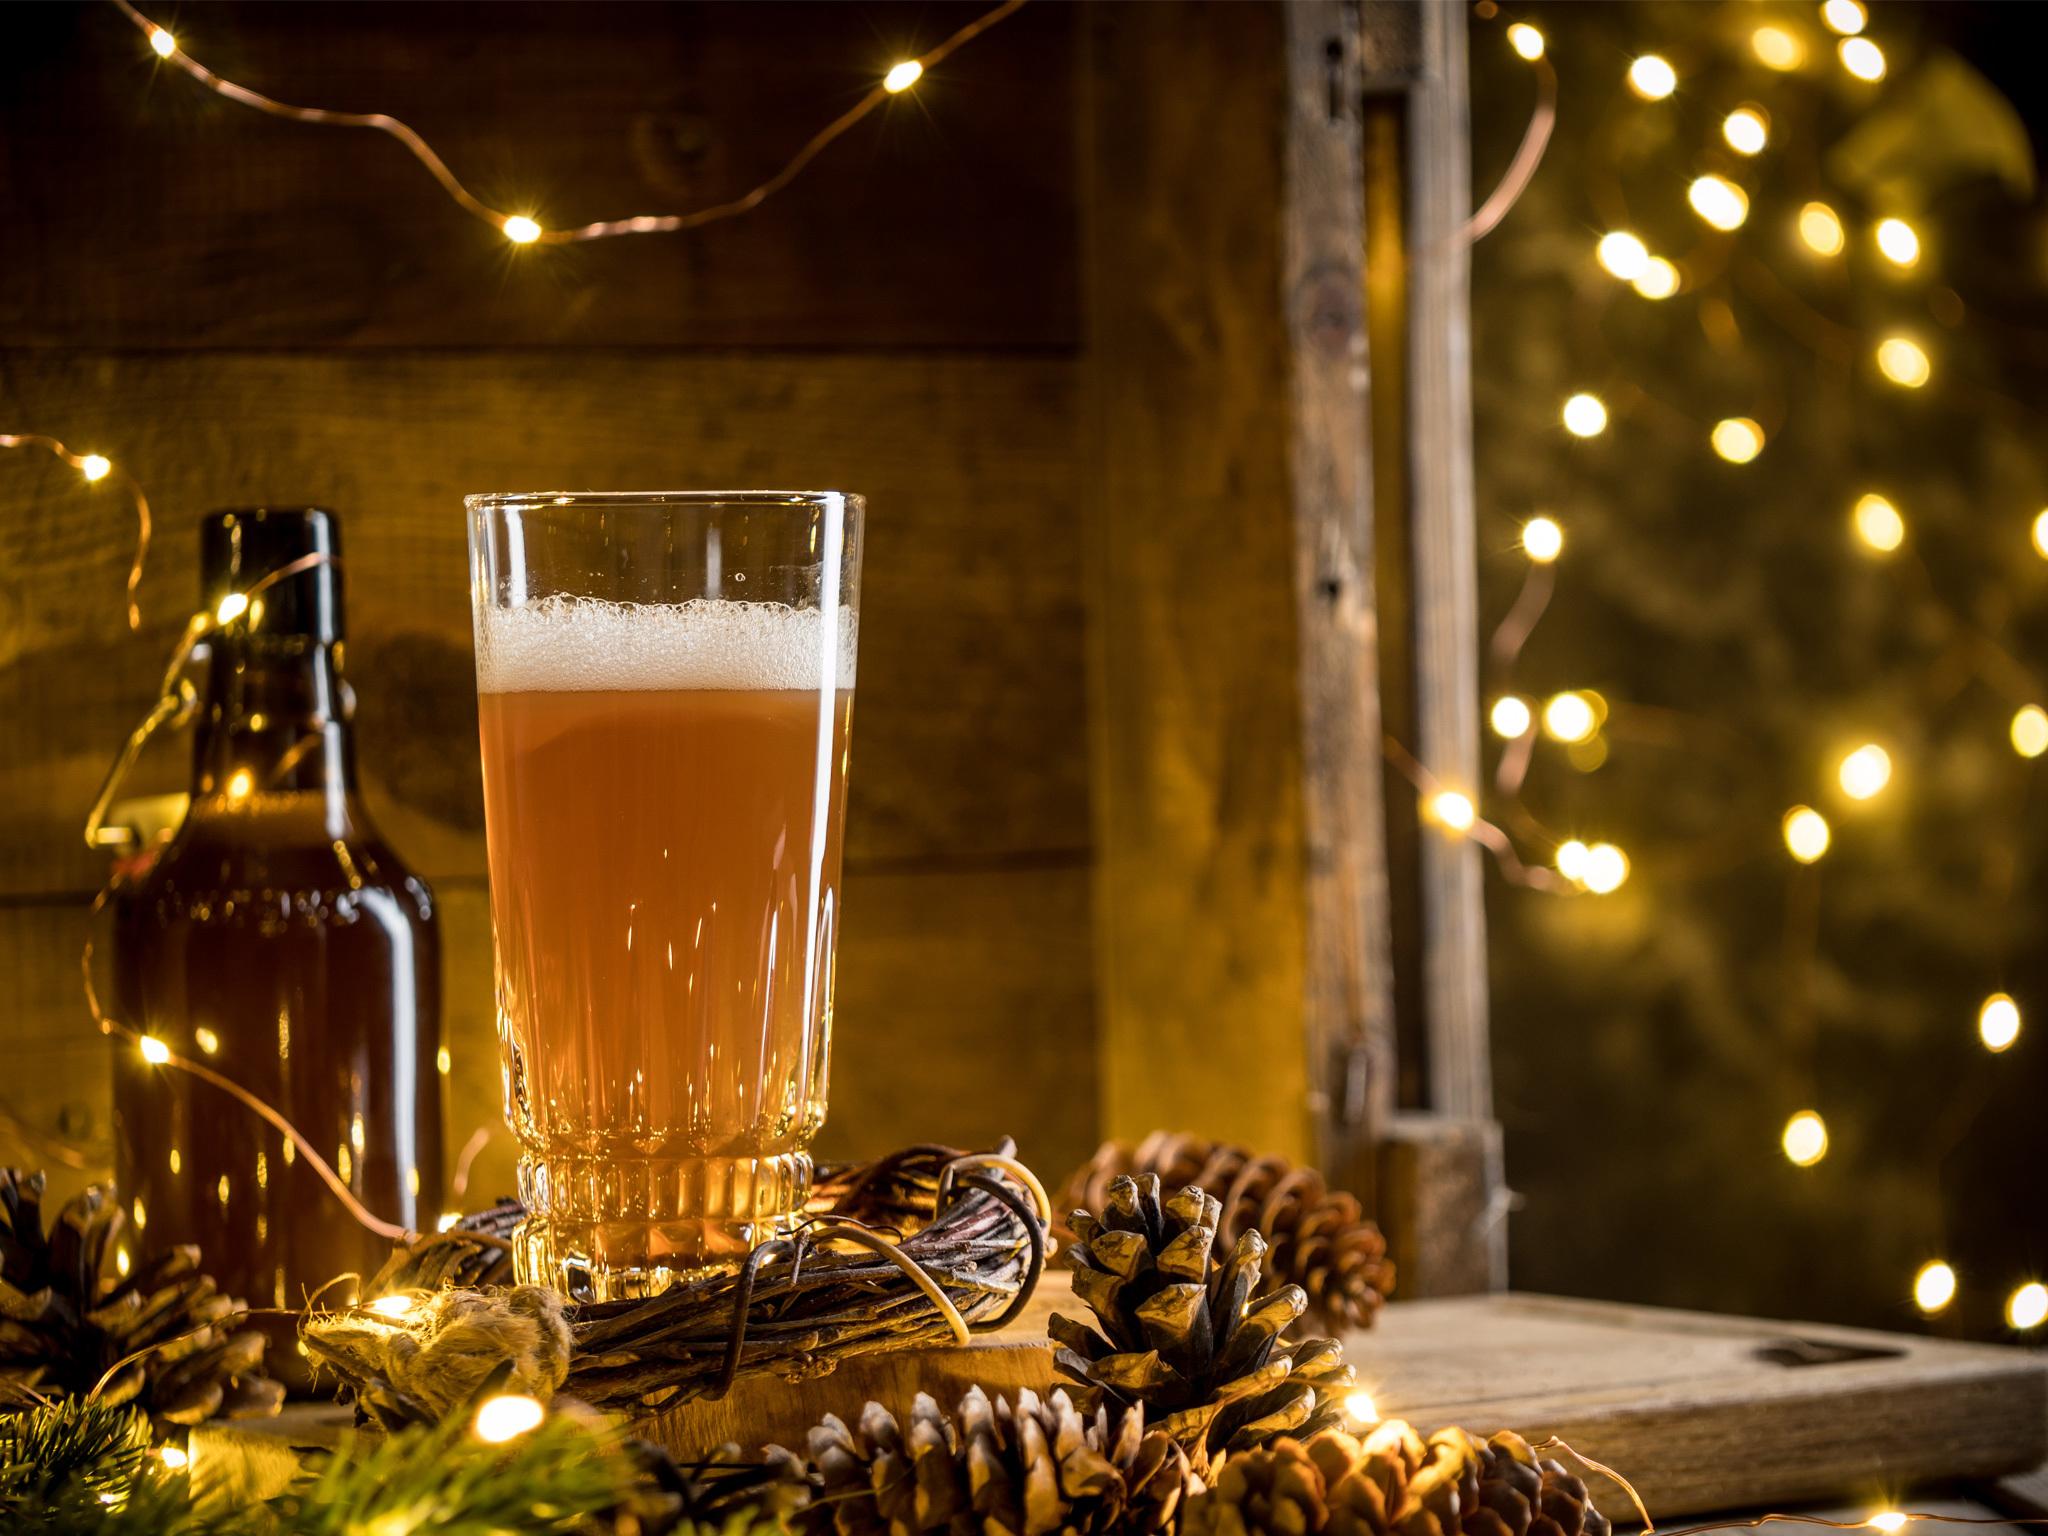 Cervezas artesanales mexicanas para la temporada navideña